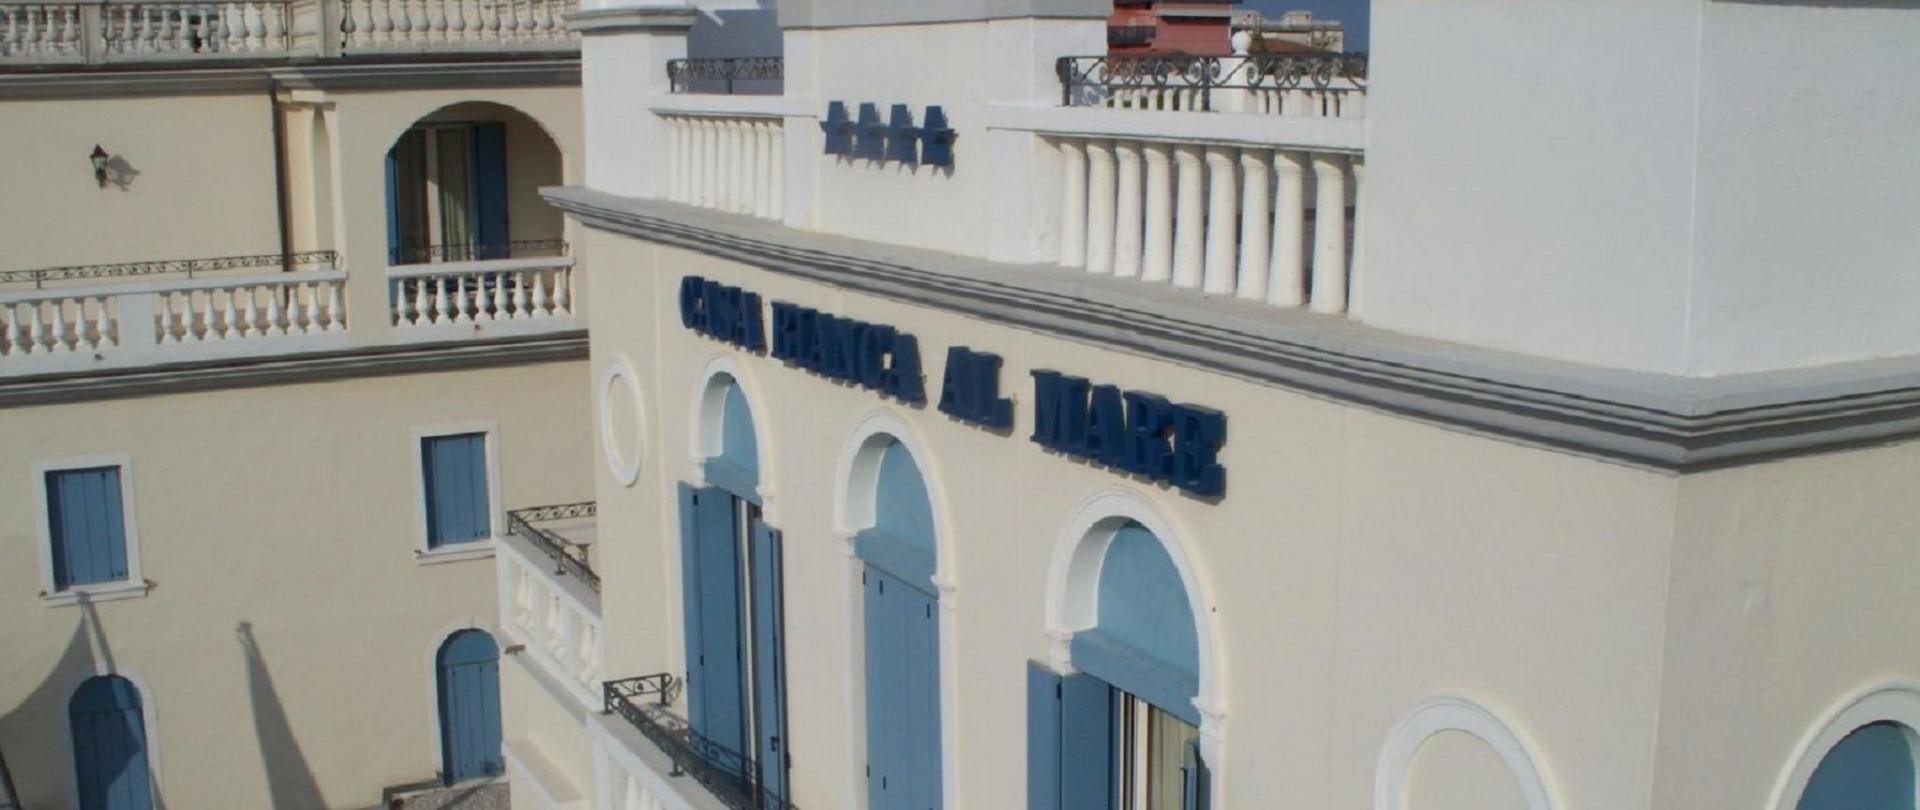 facciatadalterrazzoaltorcb.jpg